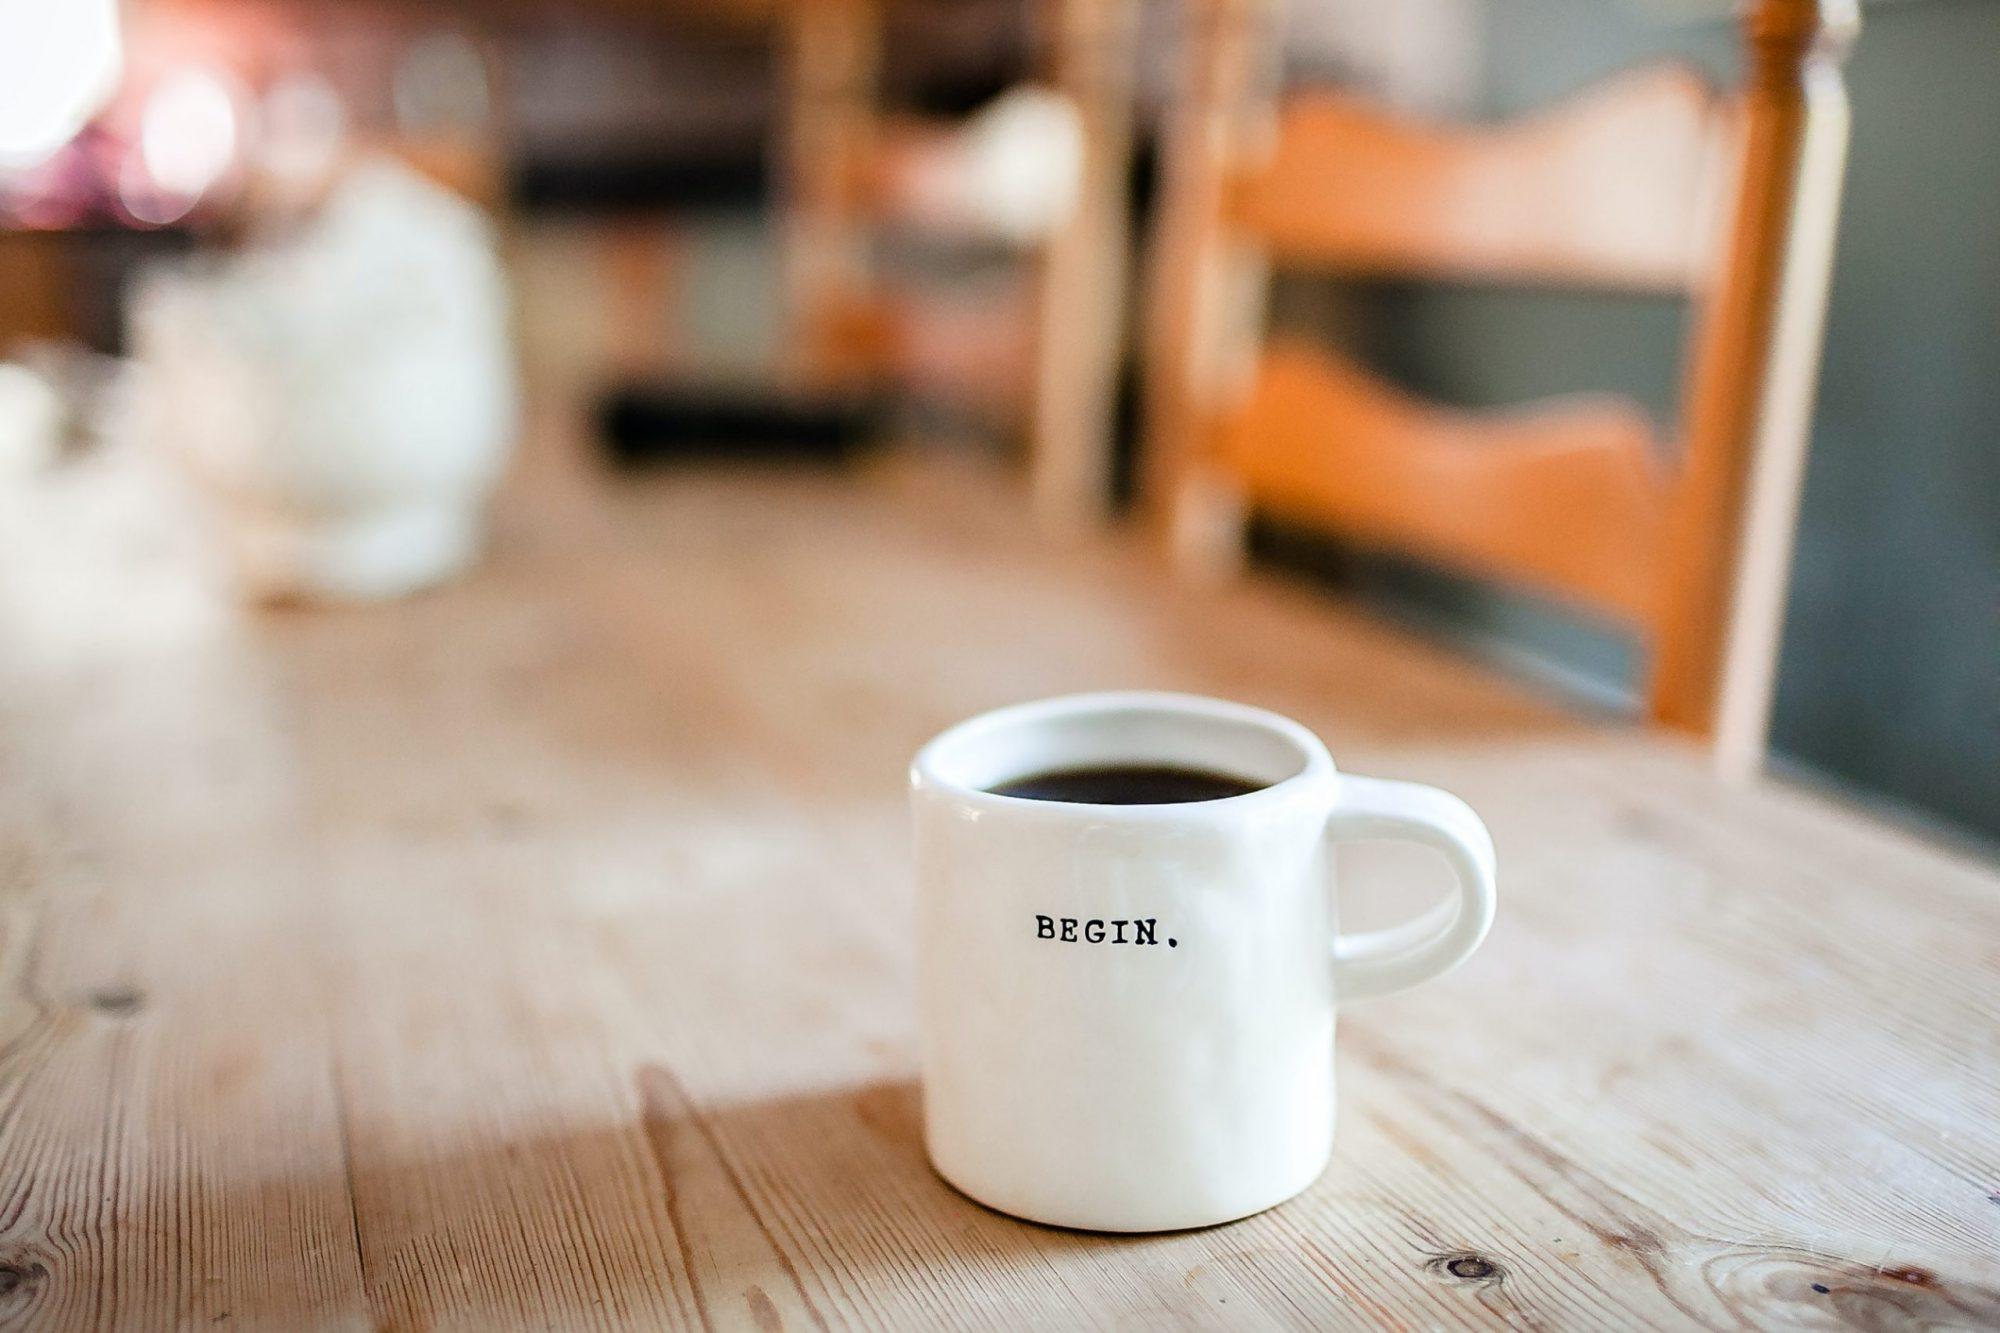 Ihan kahvilla aamuisin? Vinkit vanhemmille kuinka tehdä mieletön aamu!